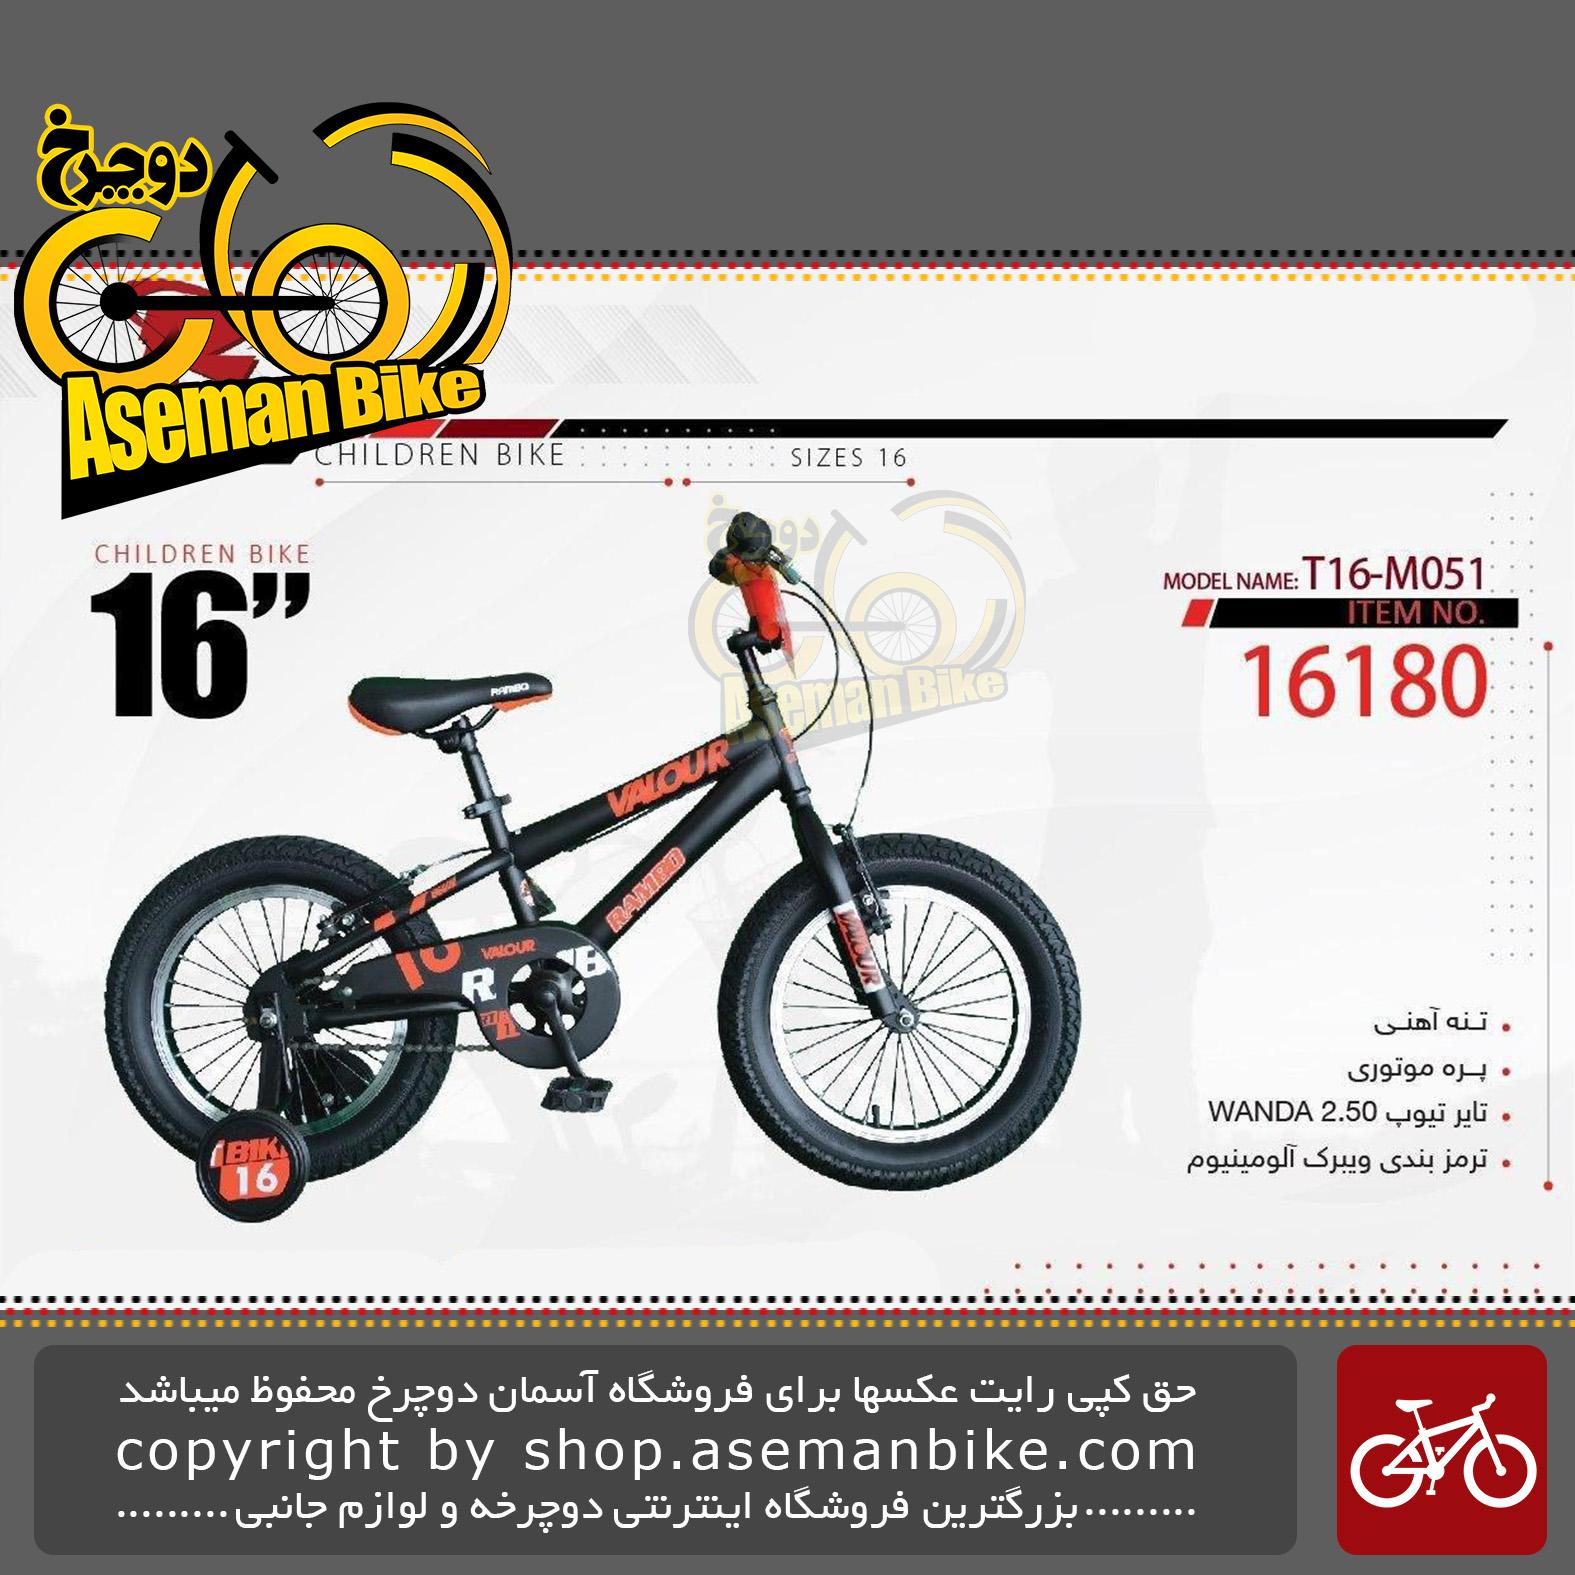 دوچرخه بچگانه رامبو سایز 16 مدل والور تایر پهن 16180 RAMBO Bicycle Children Bike Size 16 Model 16180 VALOUR